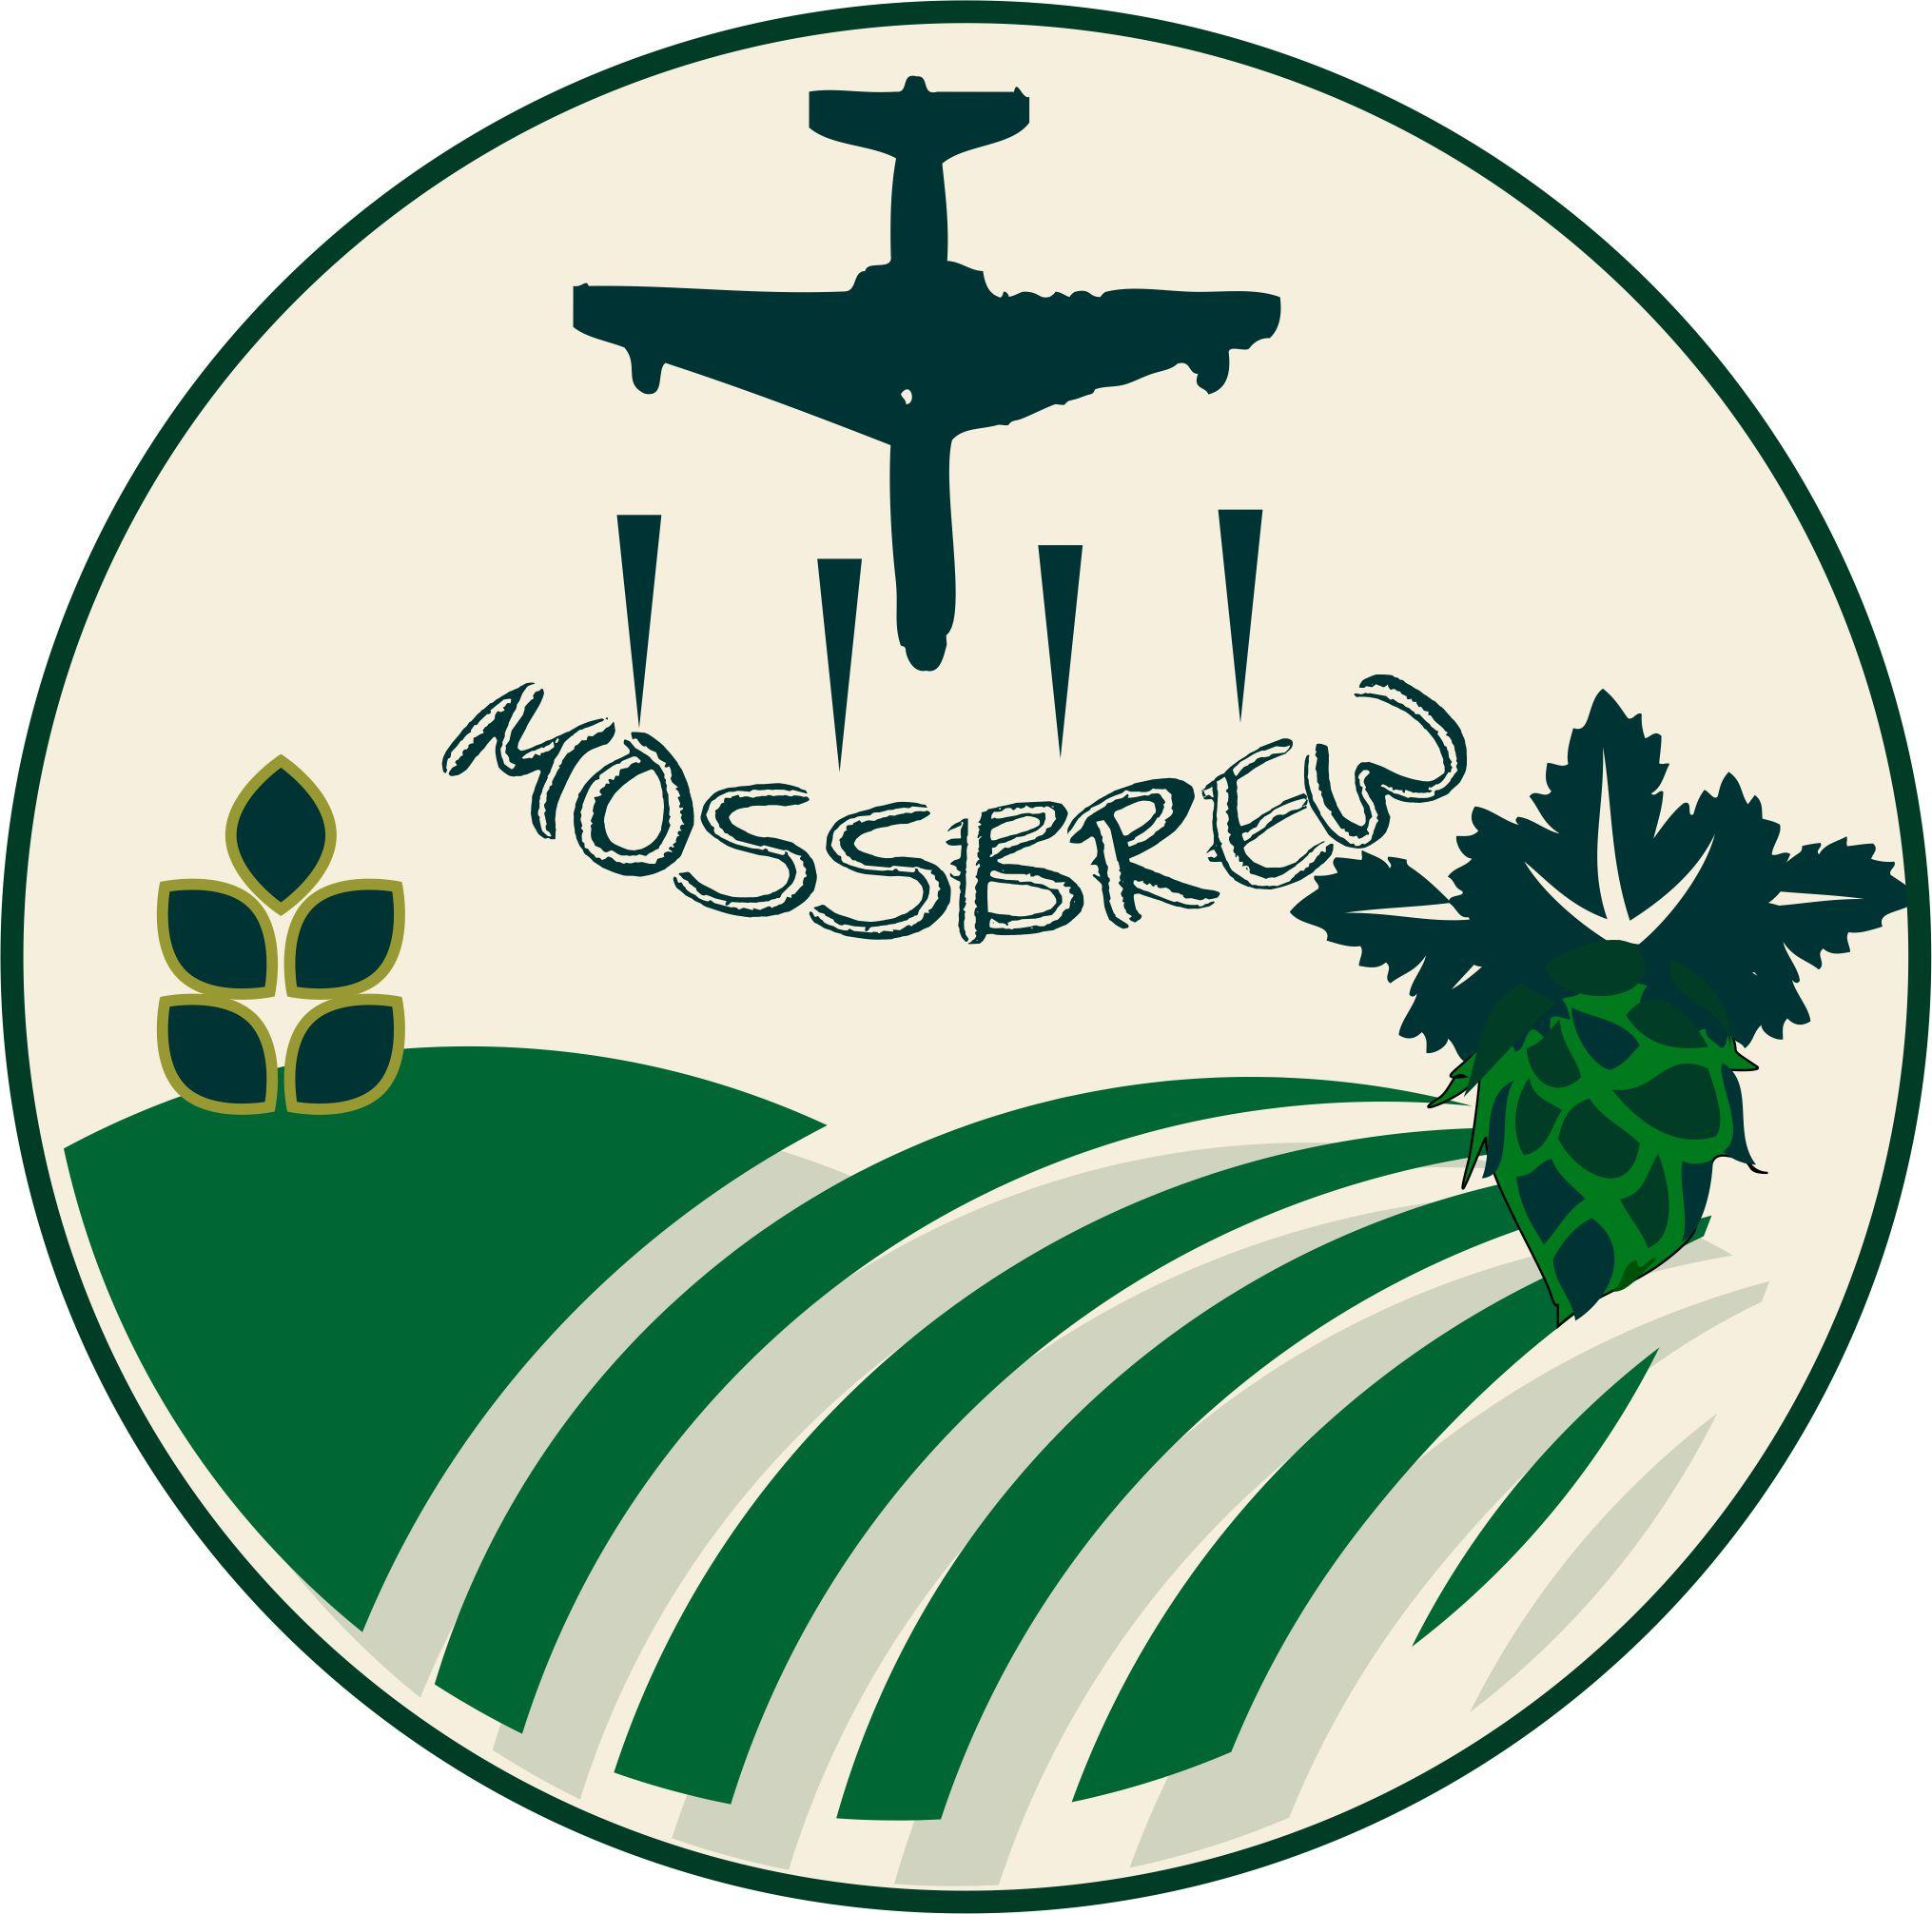 Логотип для пивоварни фото f_7325988c9e682cc5.jpg